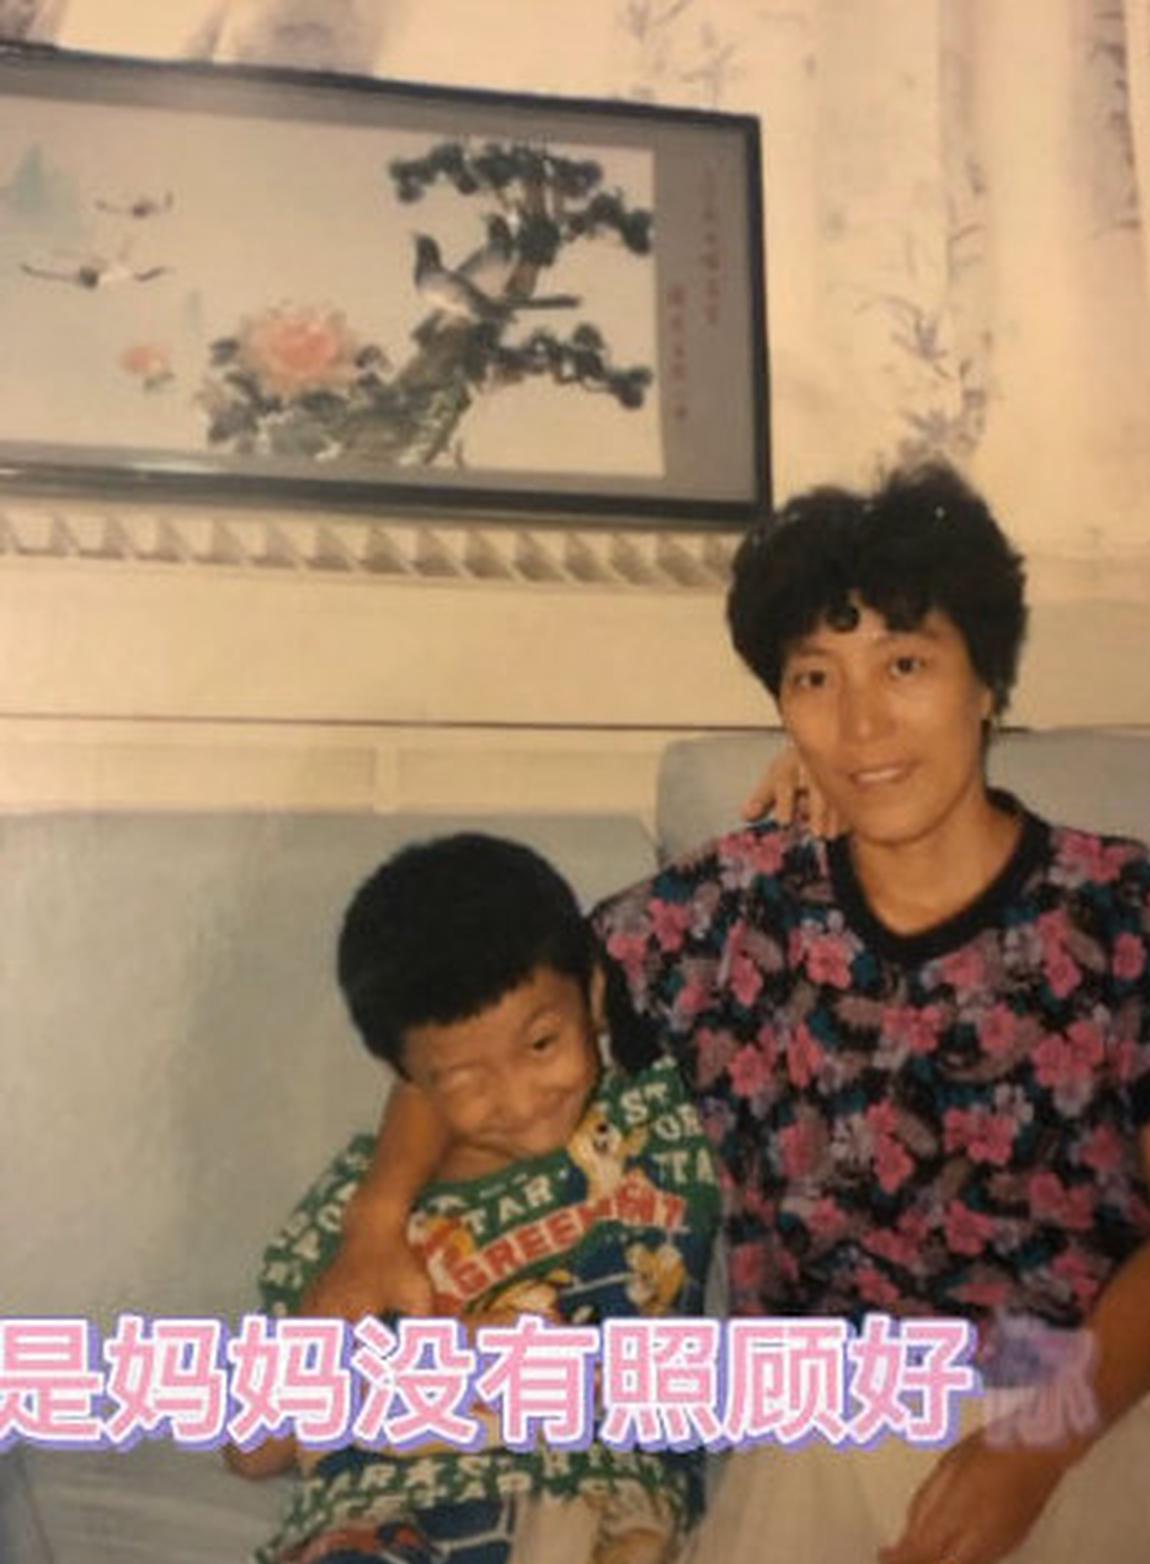 乔任梁去世四周年妈妈发文怀念:你是我永远的骄傲